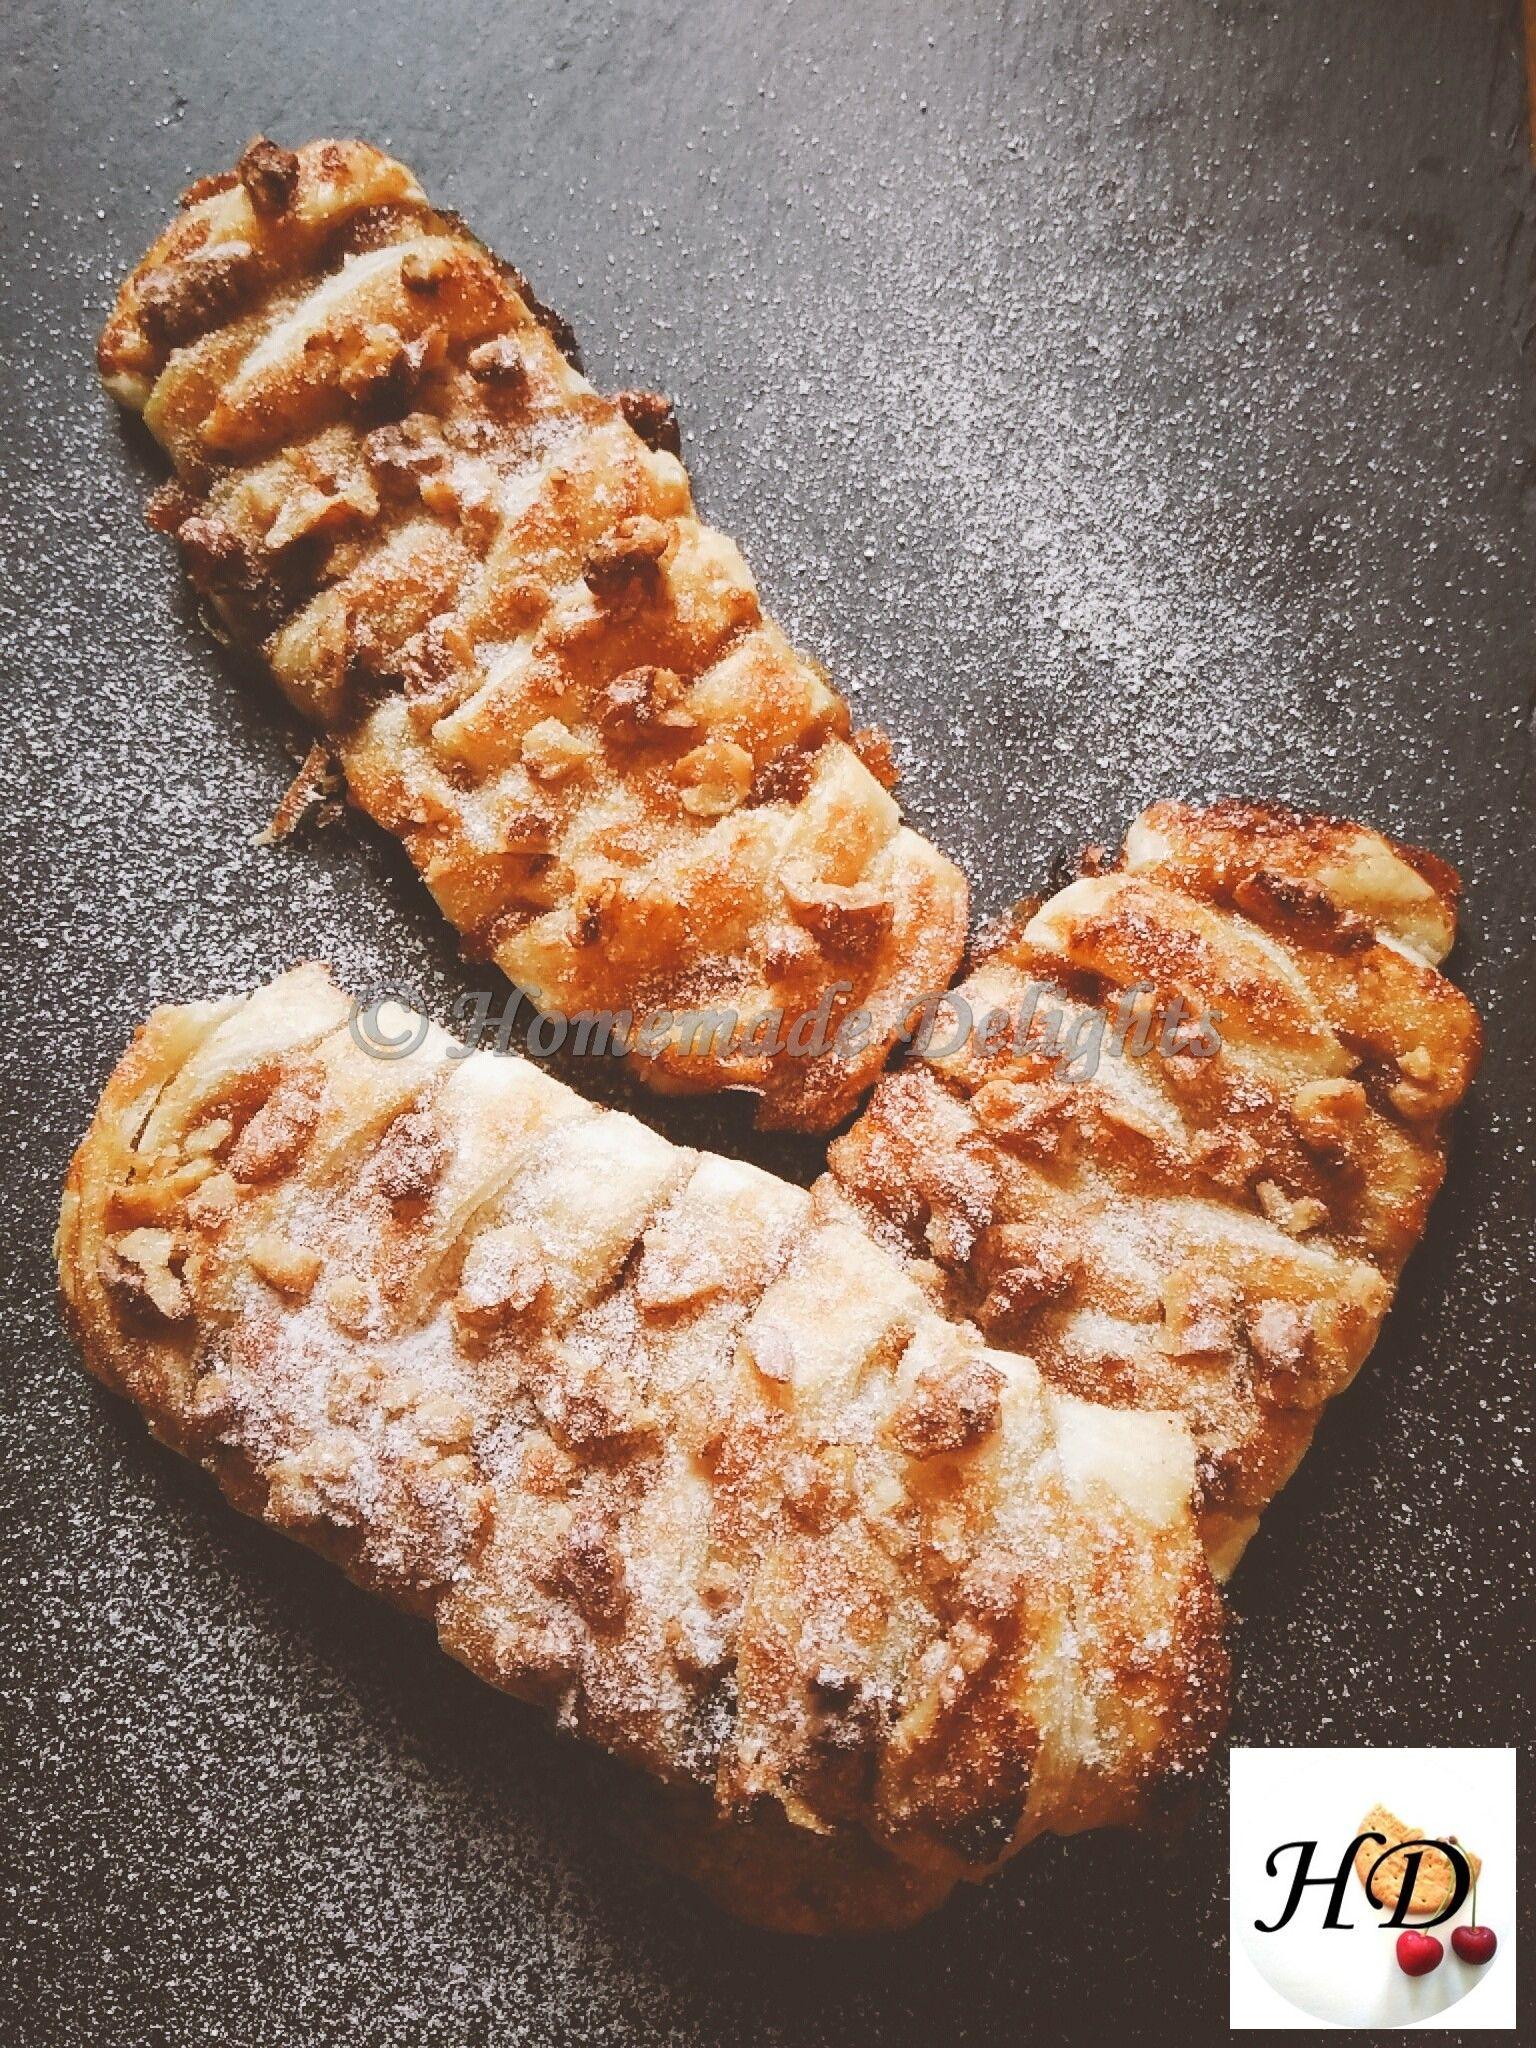 Treccine allo sciroppo d'acero e noci, buone e veloci sono irresistibili con il loro gusto deciso! seguitemi sul mio blog o gli altri social :) https://homemadedelights.blog